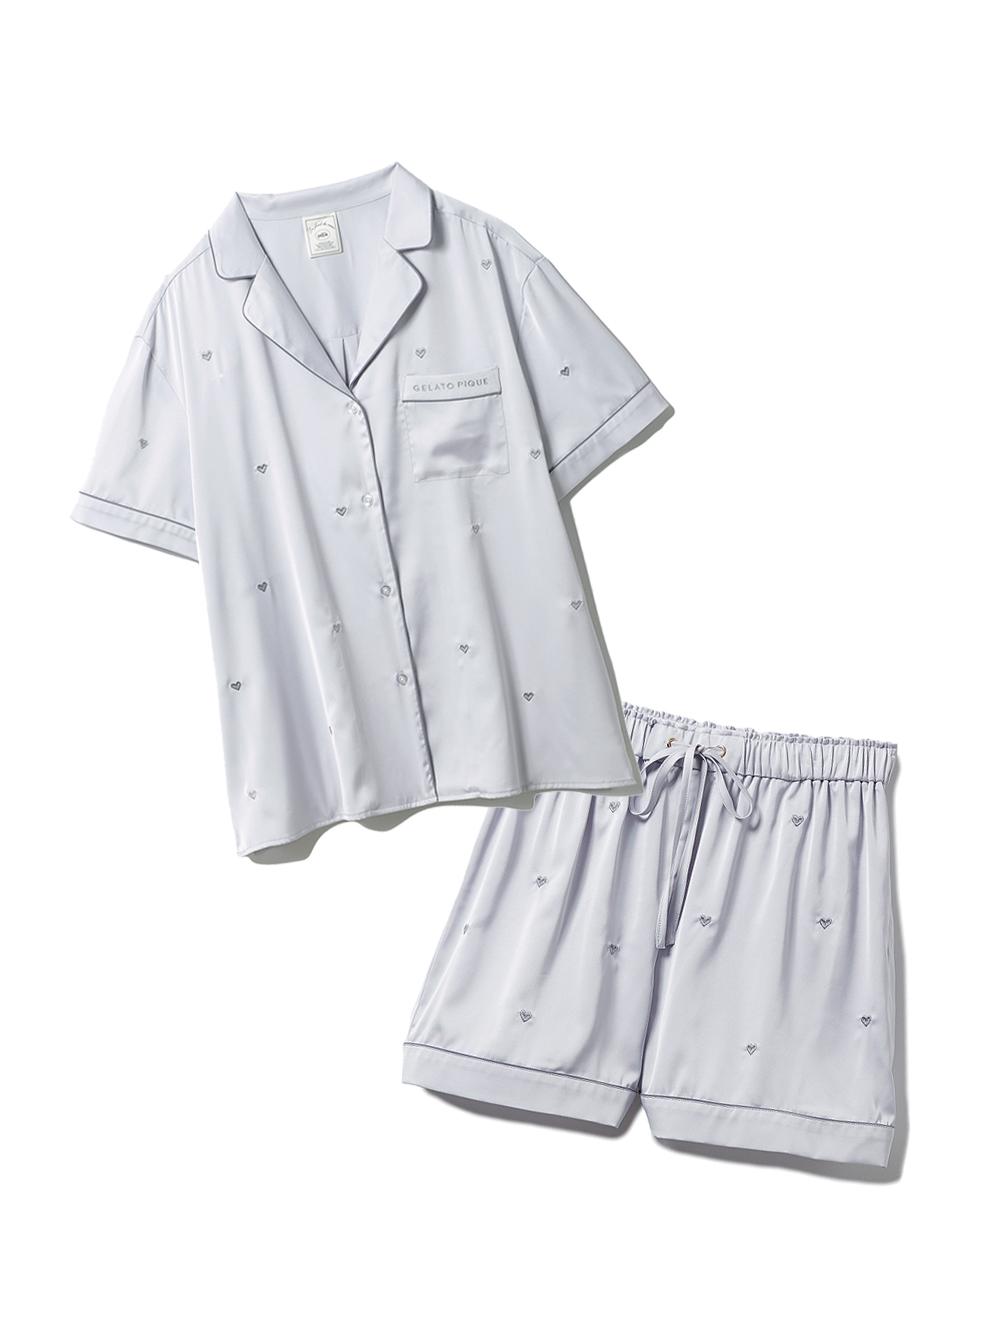 【ラッピング】ハート刺繍半袖シャツ&ショートパンツSET(LGRY-F)